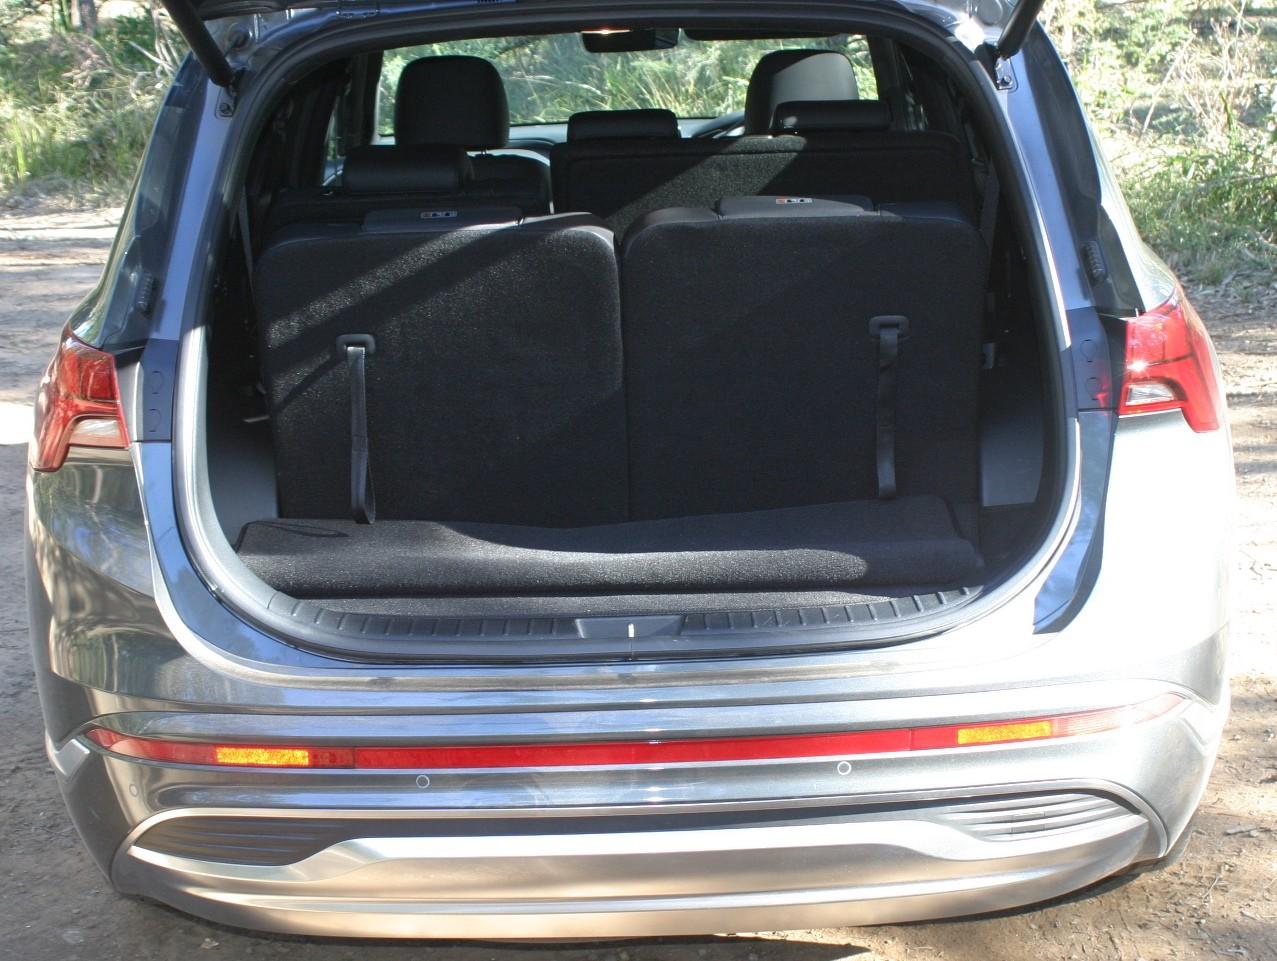 Hyundai Santa Fe Highlander V6 Petrol boot with third row seats up